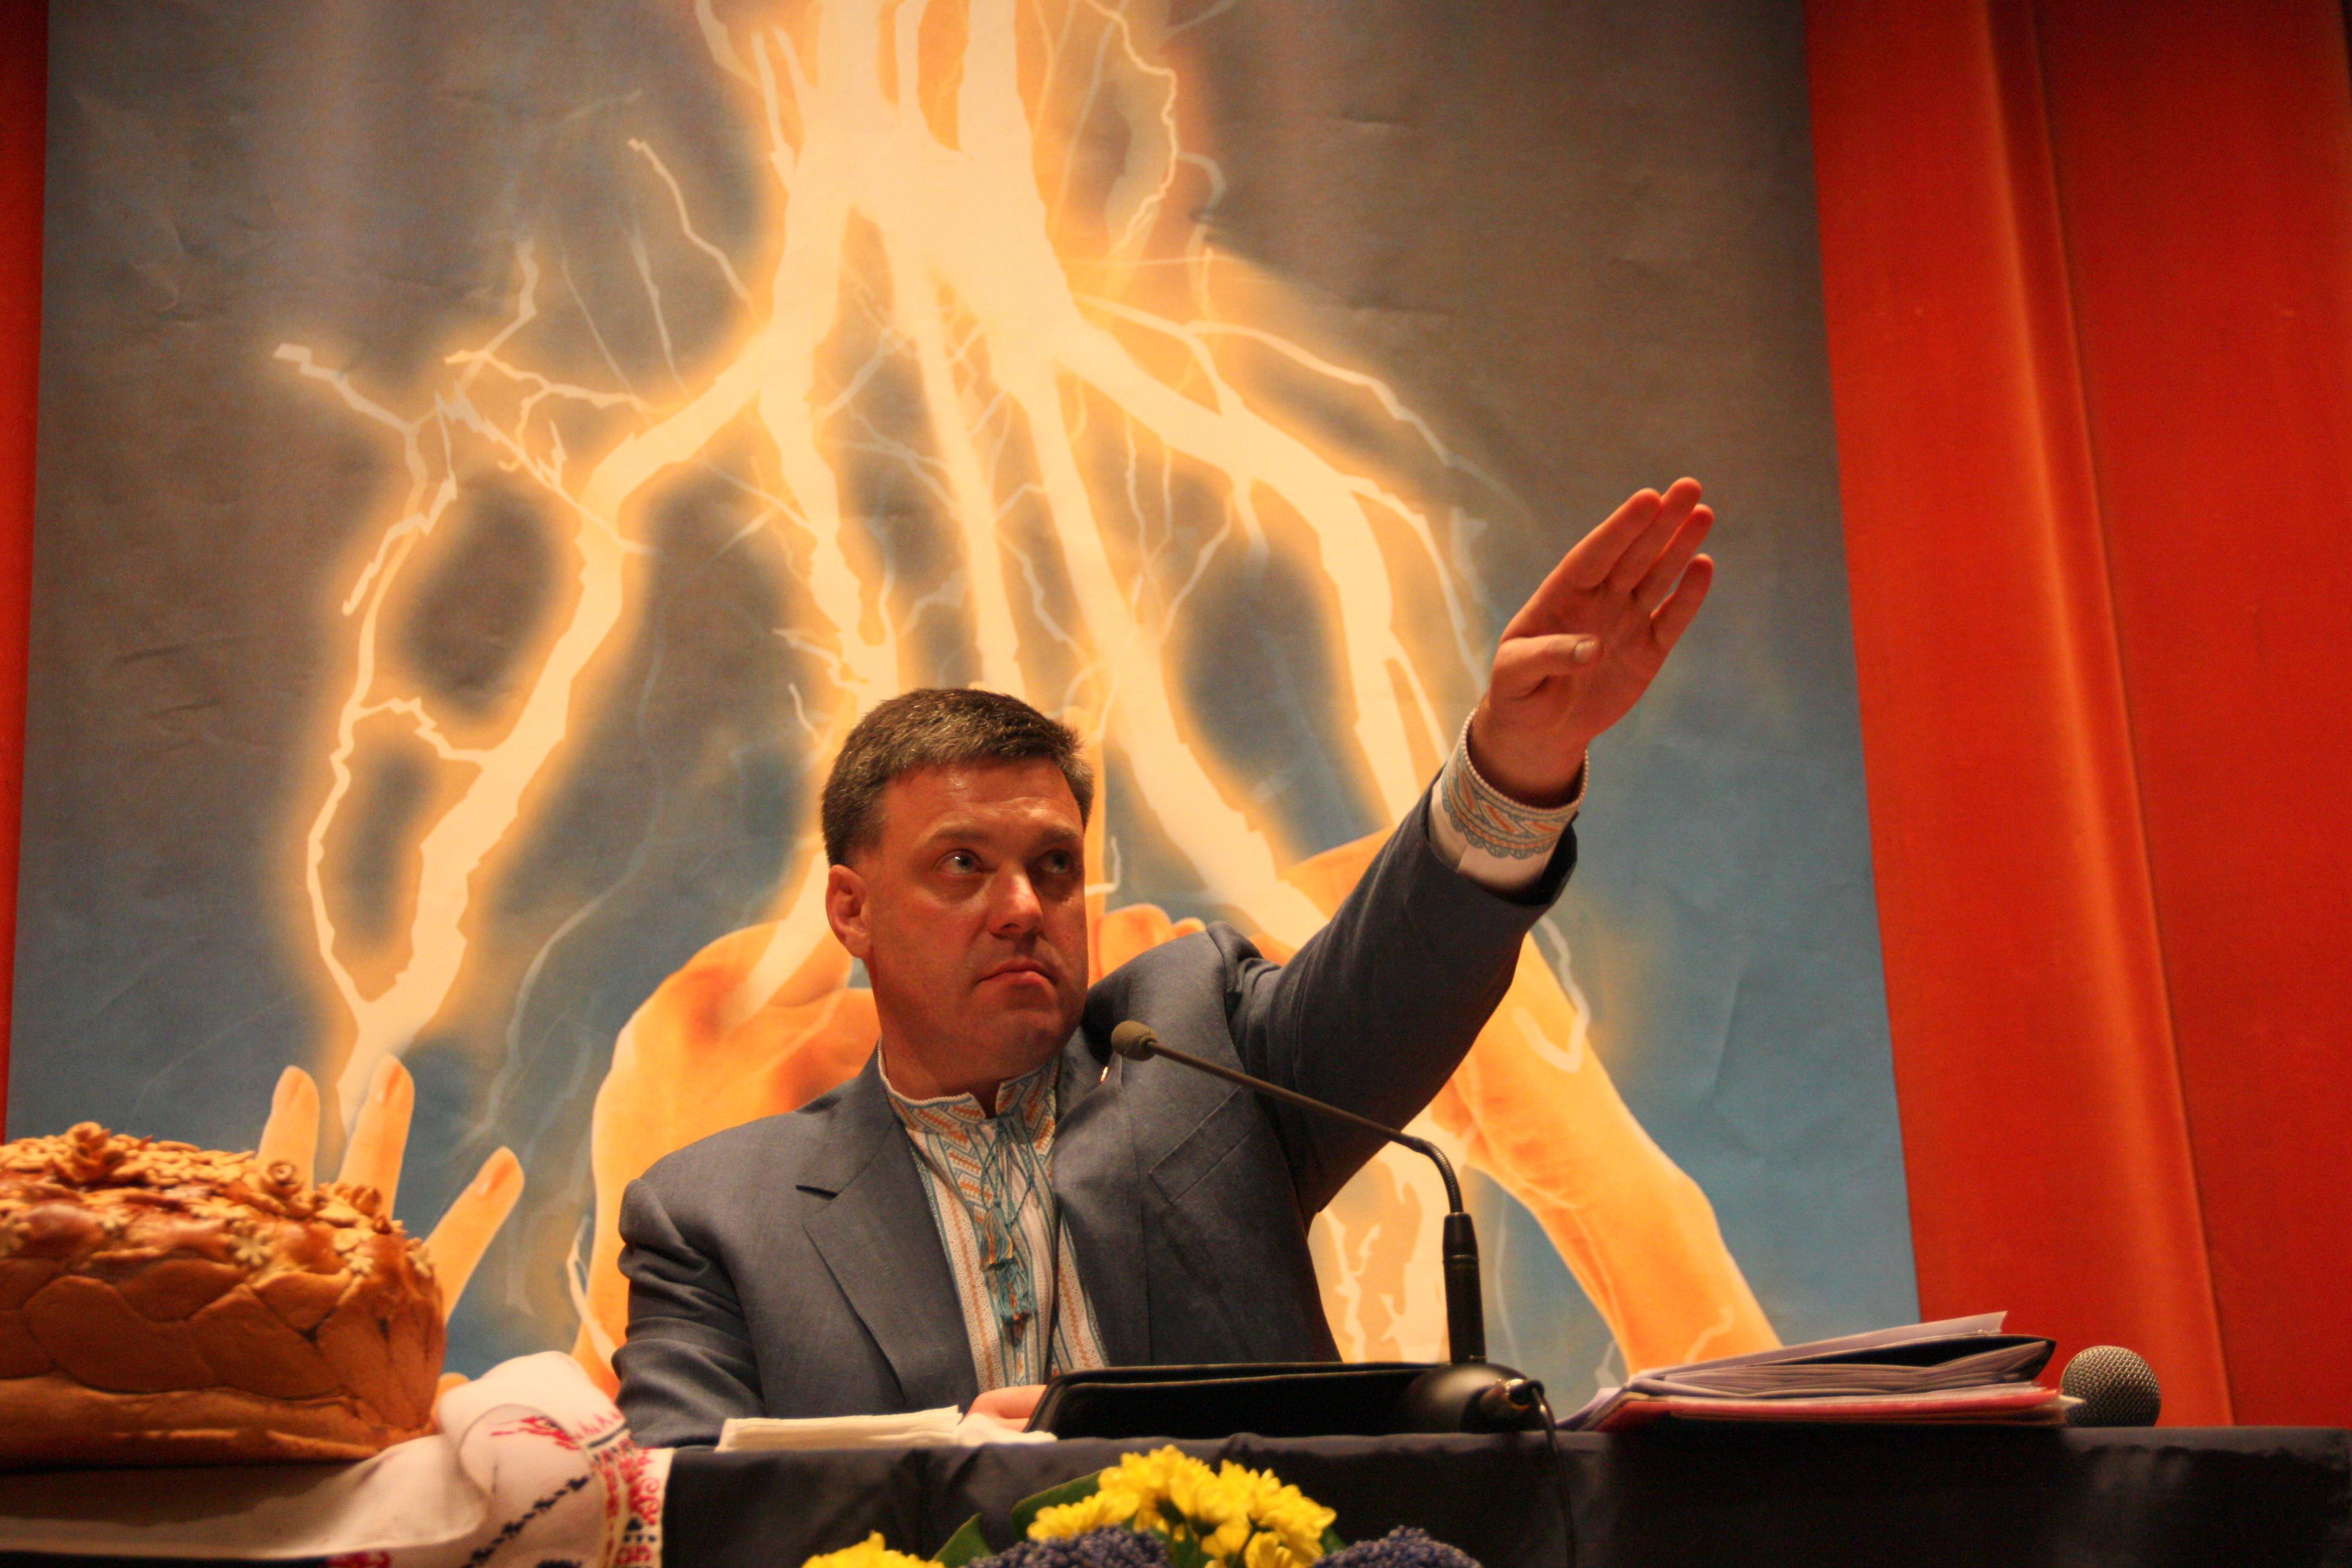 Это Олег Тягнибок, заявлявший, что «Московско-жидовская мафия» правит Украиной и что «немцы, жиды и другие отбросы» хотят «забрать у нас нашу Украину». Он – один из лидеров протестов Евромайдана, который наряду с Виталием Кличко участвовал в переговорах с Президентом Януковичем.